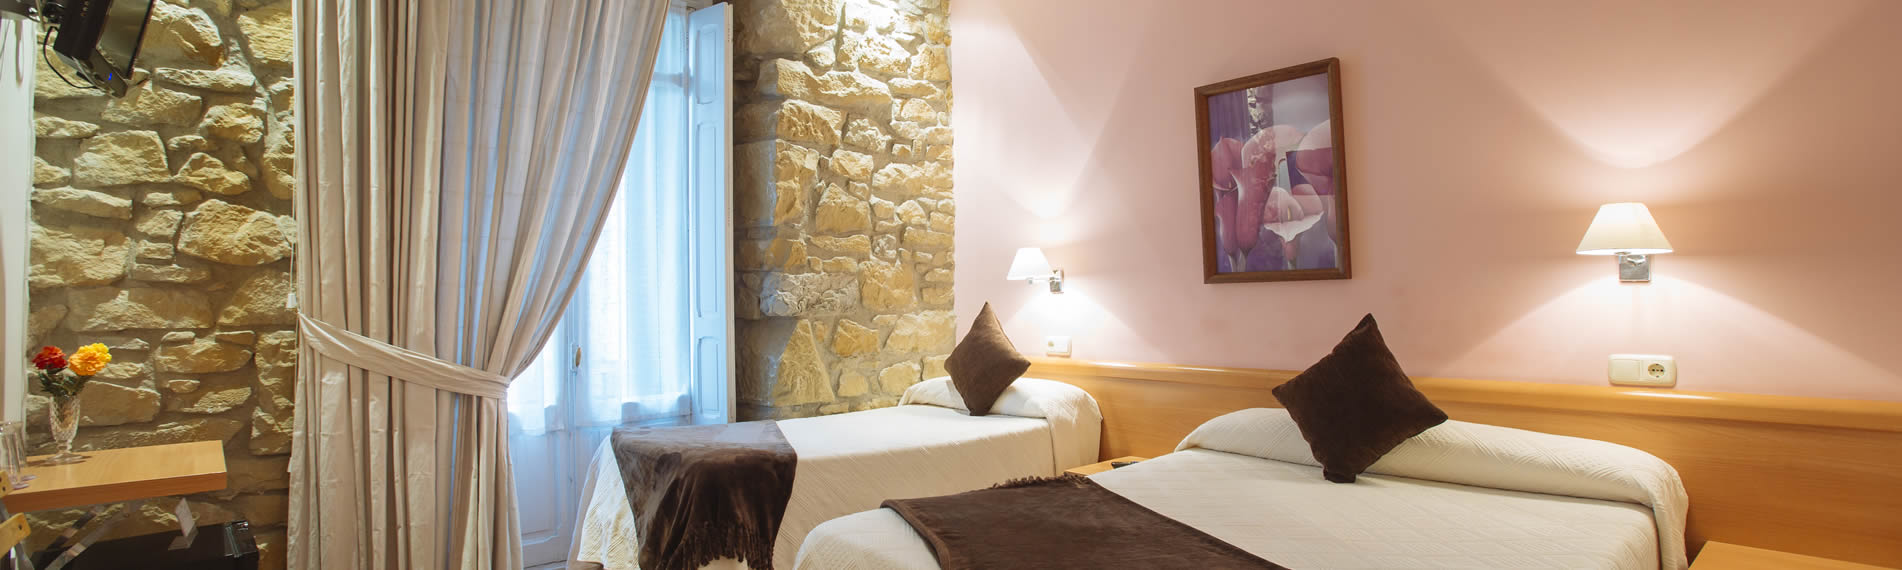 Hotel próximo al Buen Pastor en Donosti en el área romántica